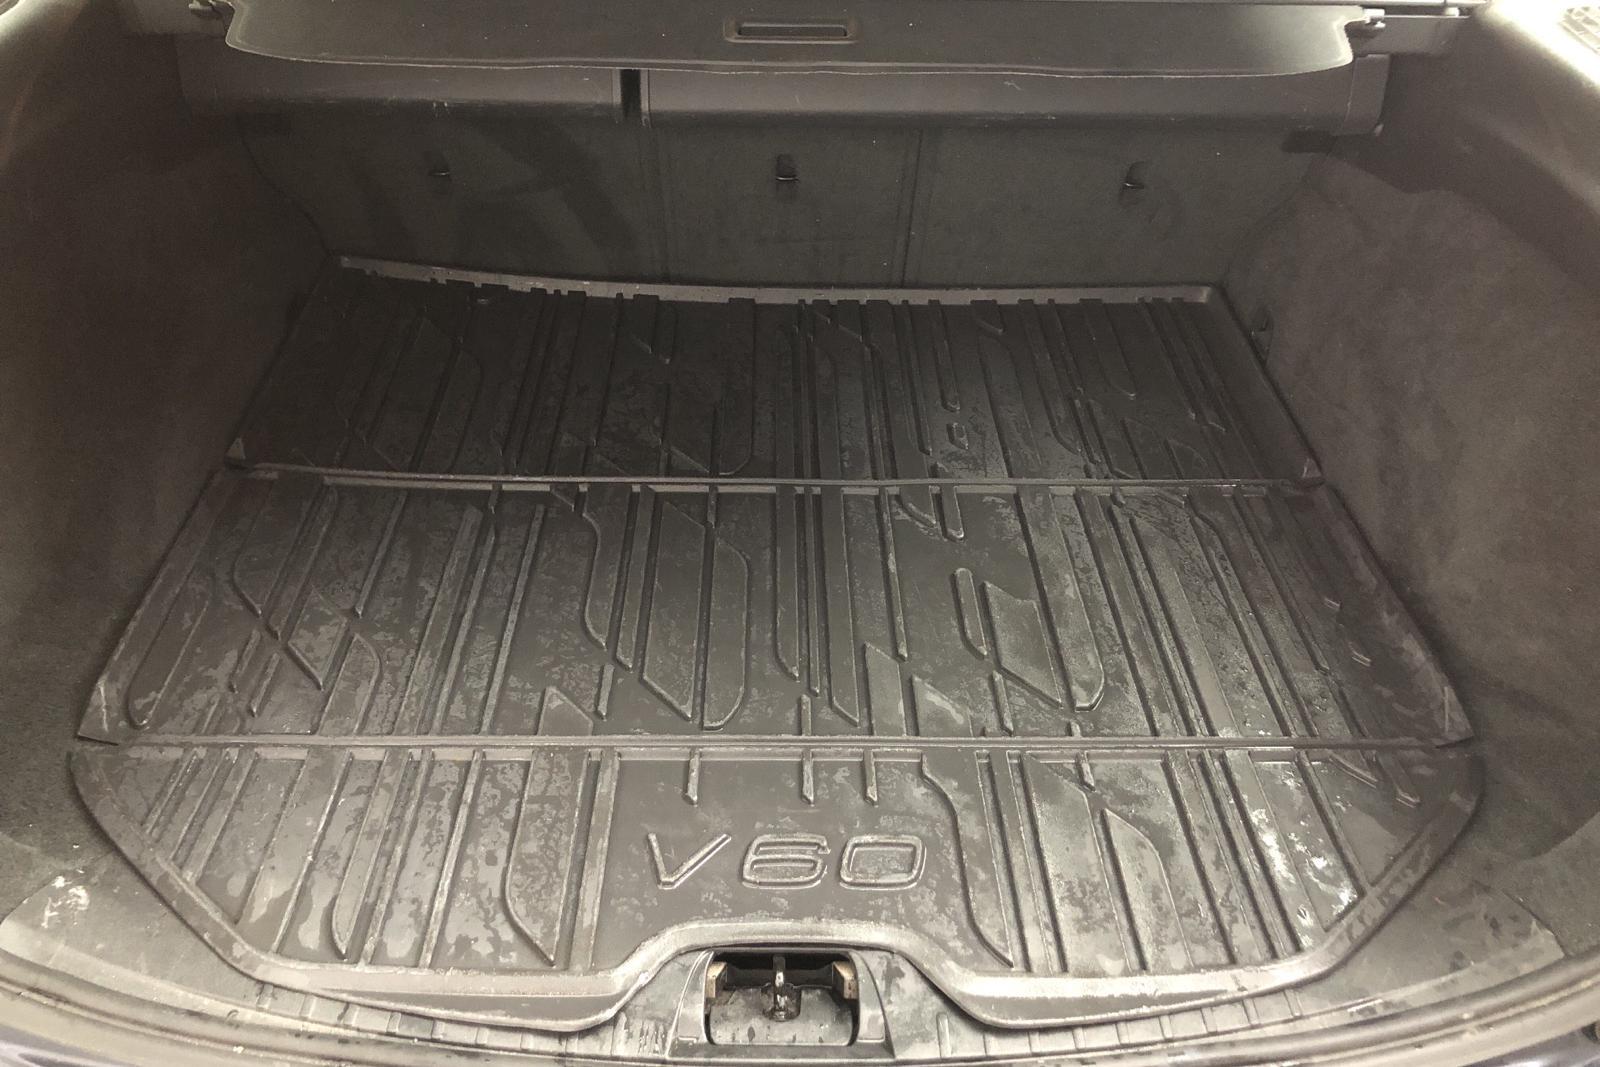 Volvo V60 D2 (115hk) - 114 260 km - Manual - blue - 2014